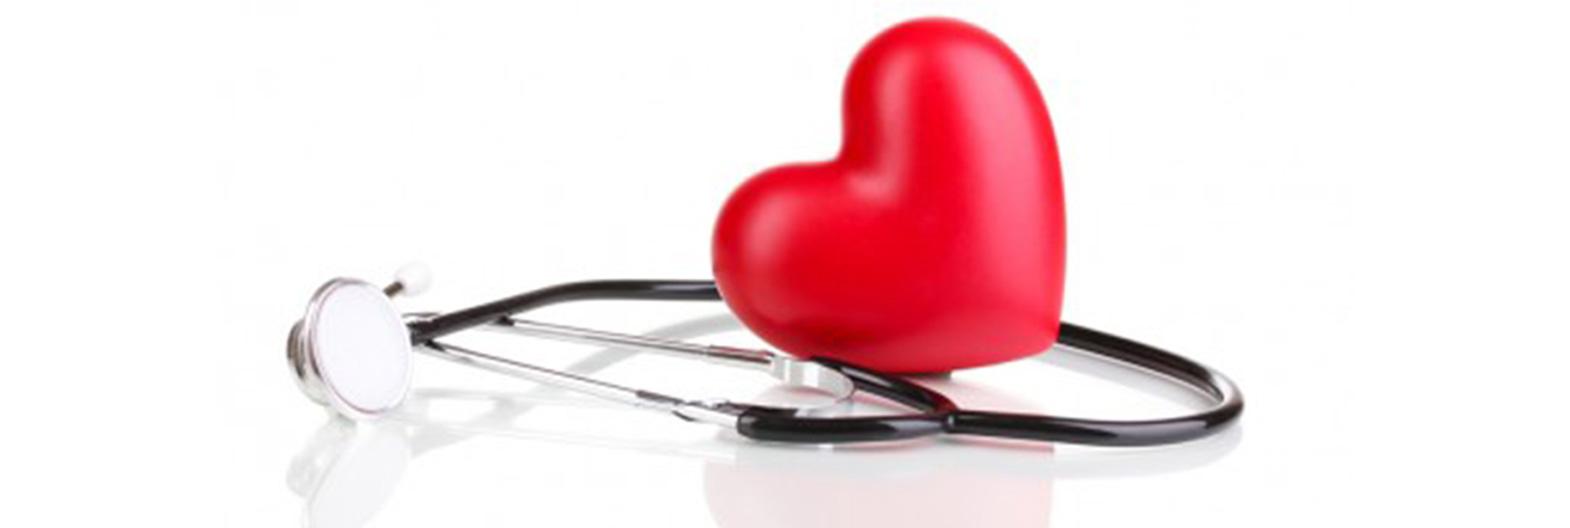 kas yra hipertenzijos hirudoterapija